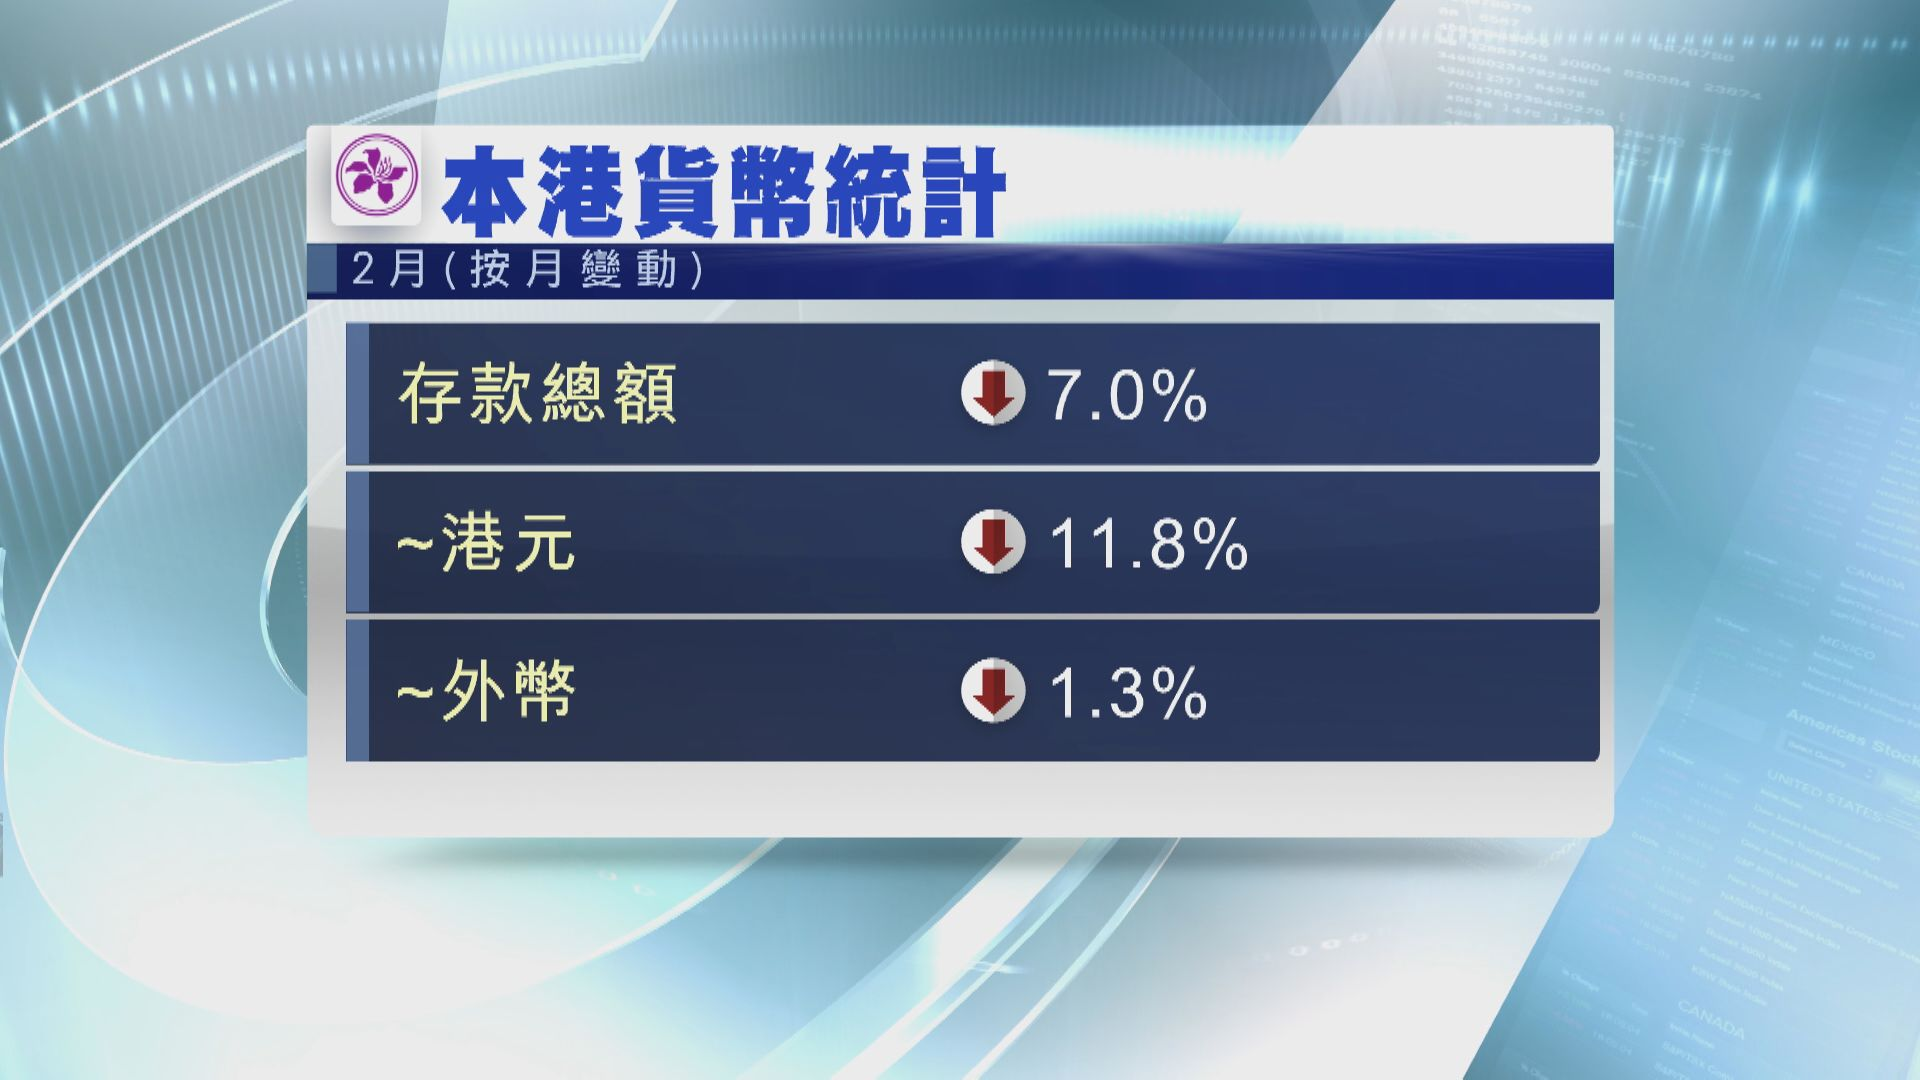 2月港元存款大跌逾11%